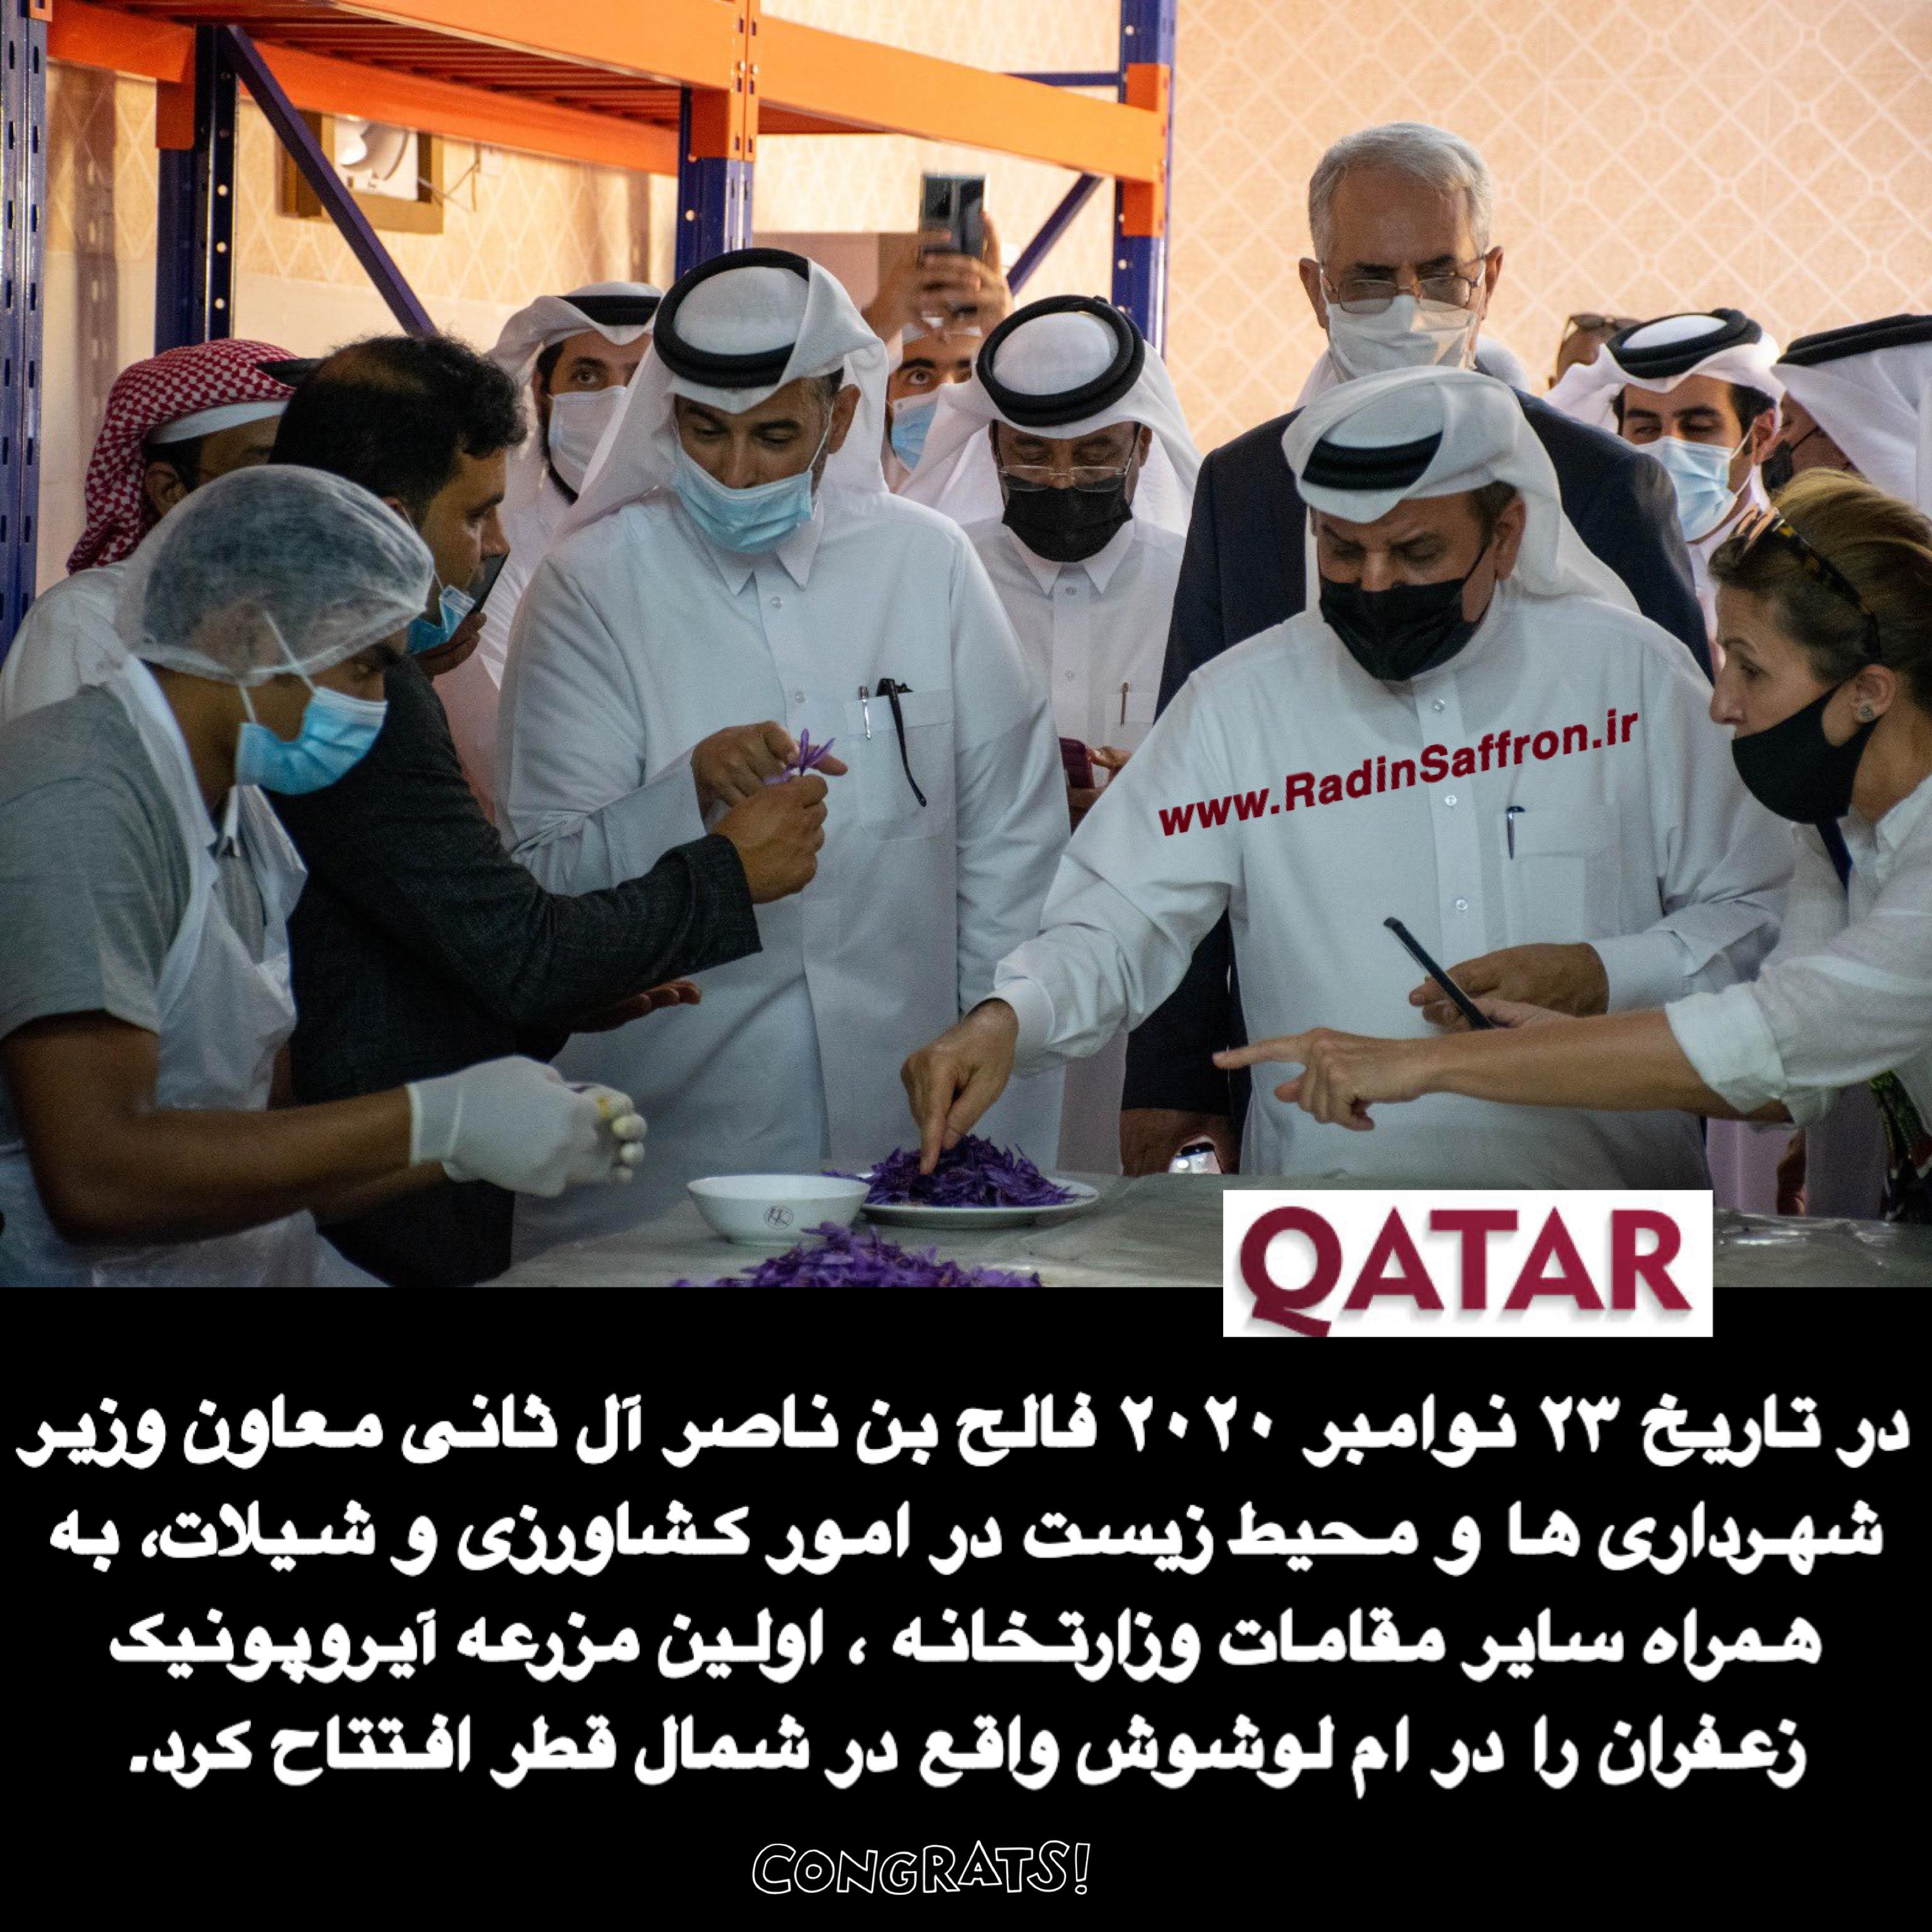 زعفران گلخانه در قطر